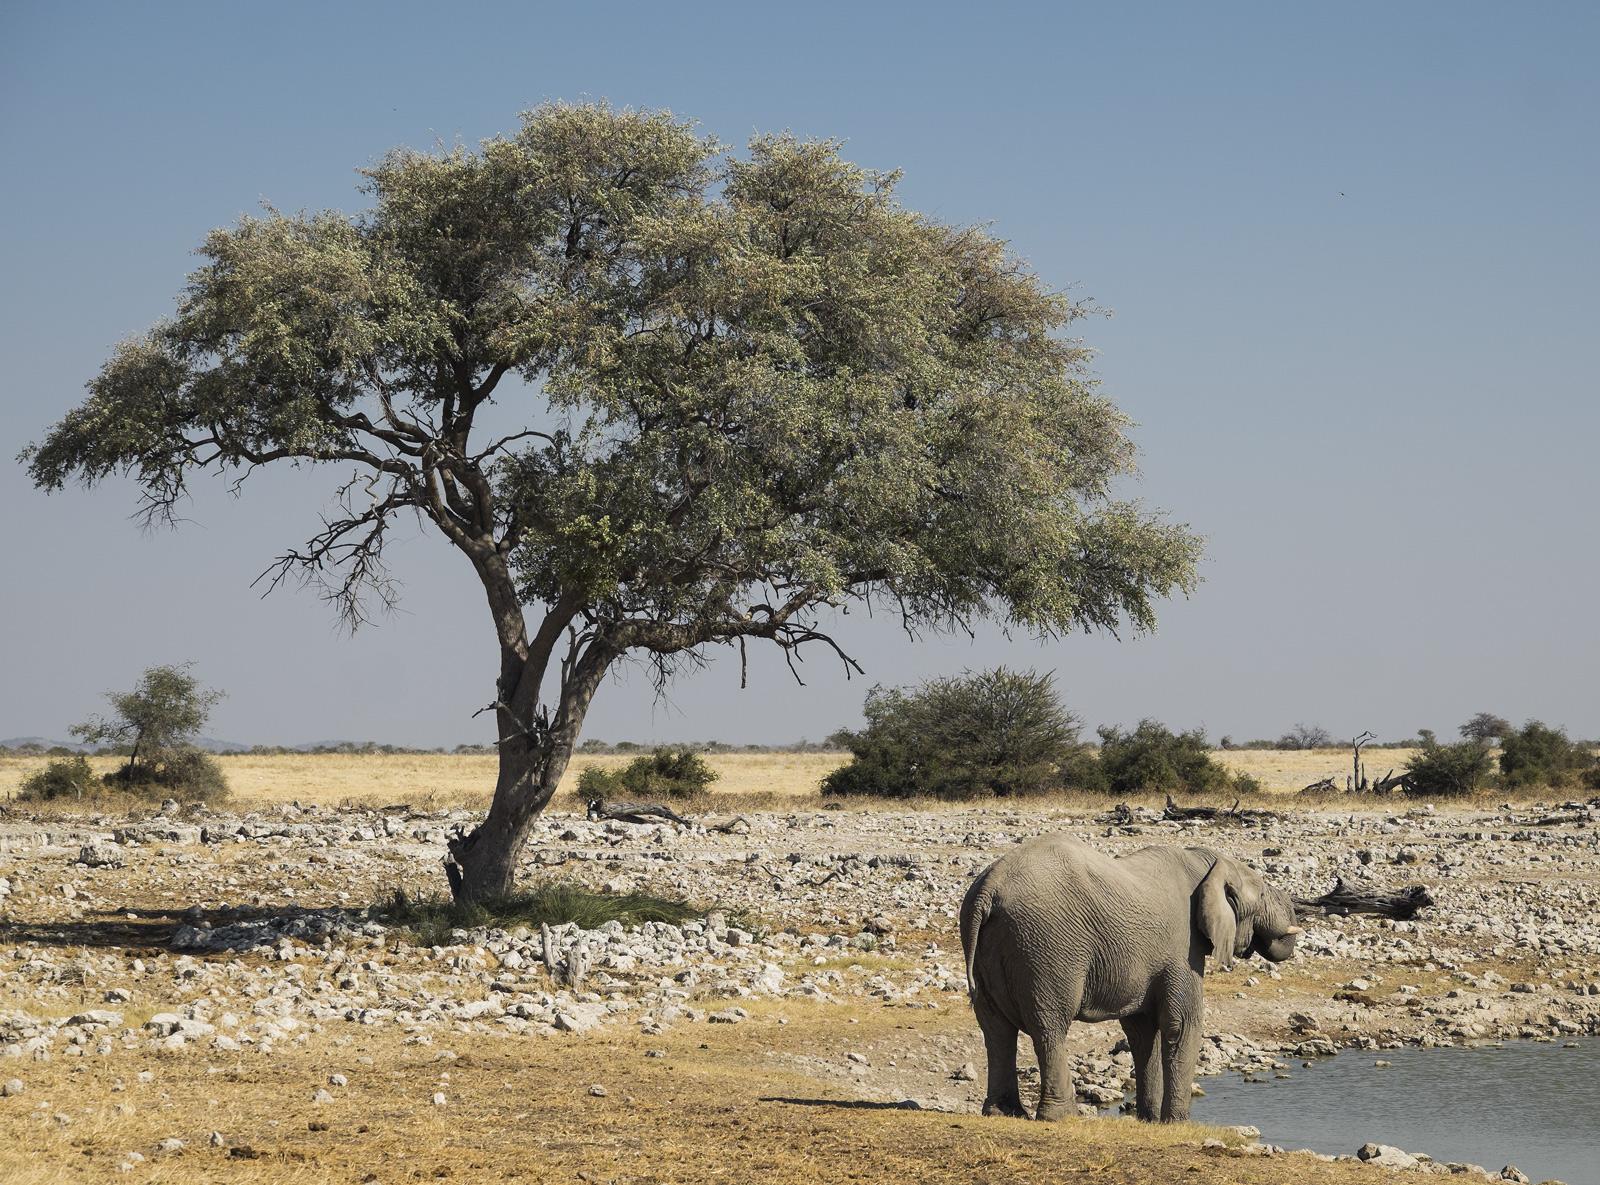 Elephant at Waterhole, Etosha, Namibia, Africa, game reserve, elephant, waterhole, trees, photo